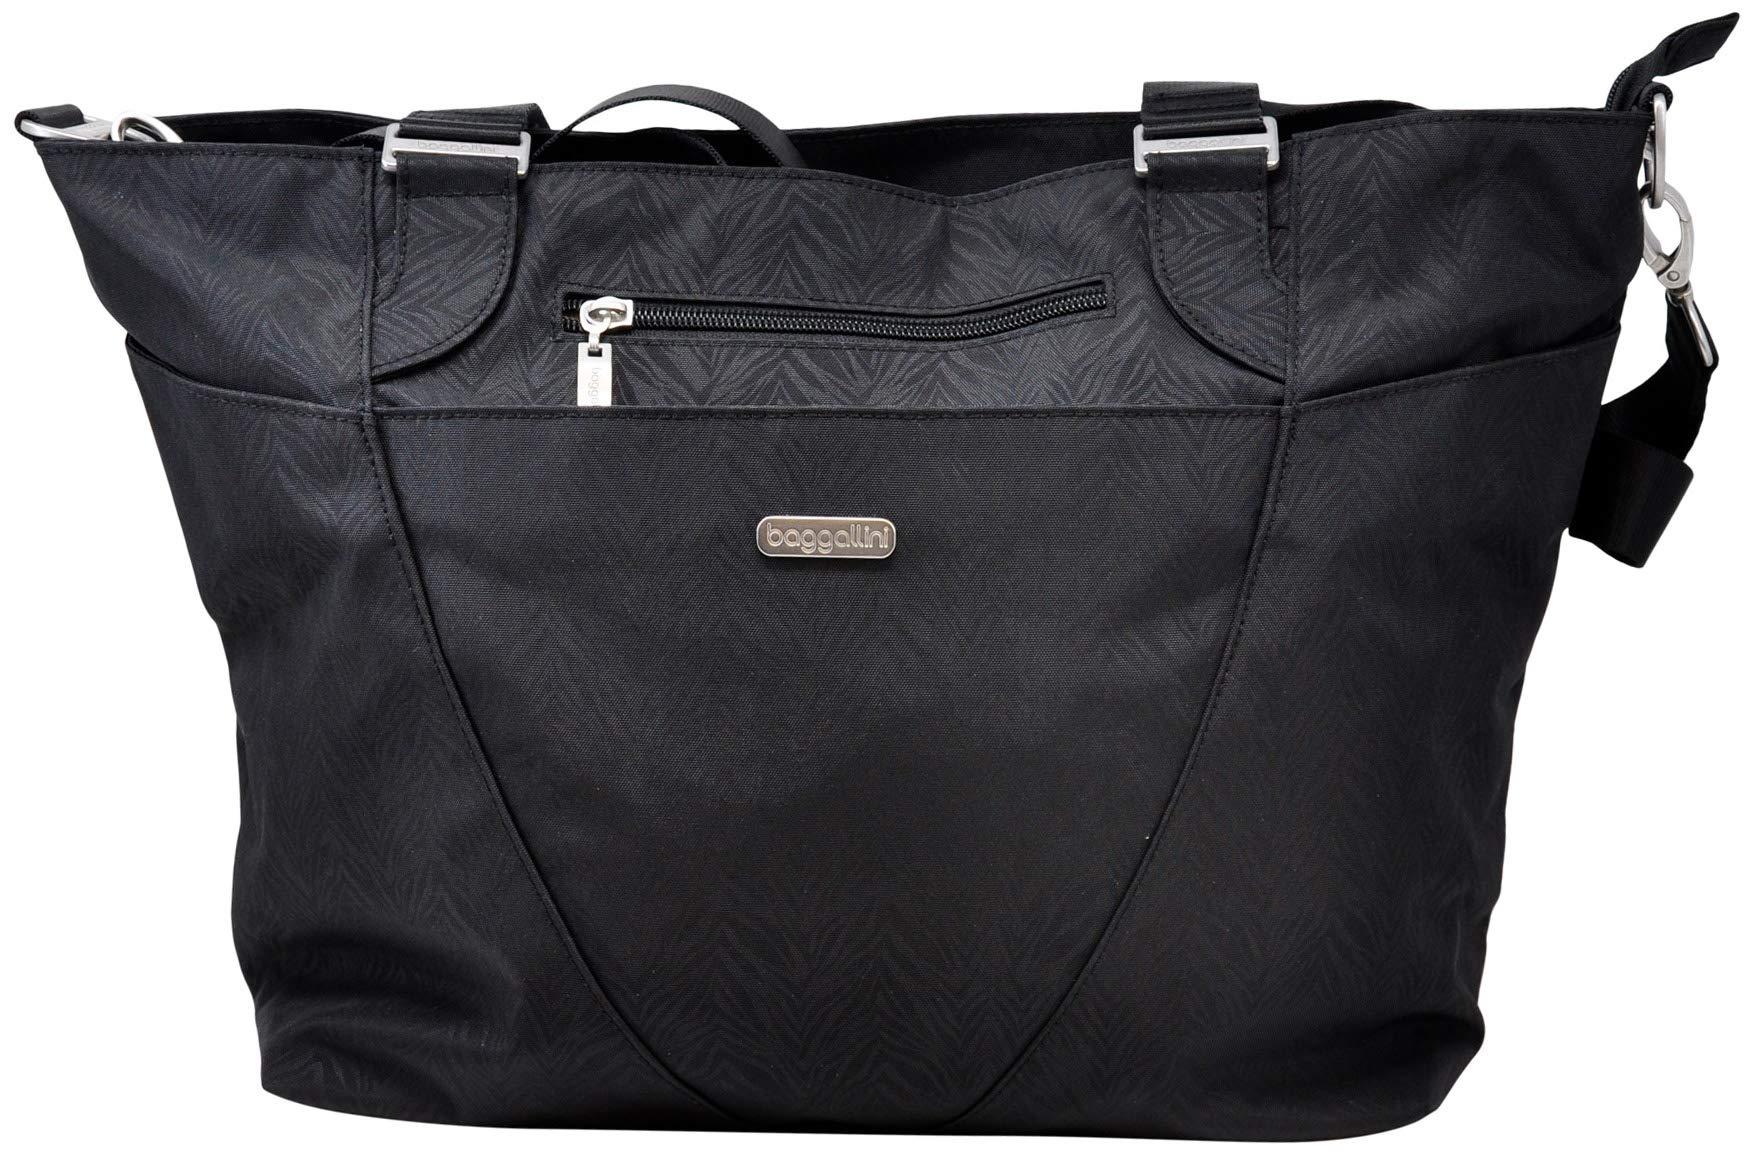 Baggallini Women Avenue Tote Bag, Black Zebra, One Size